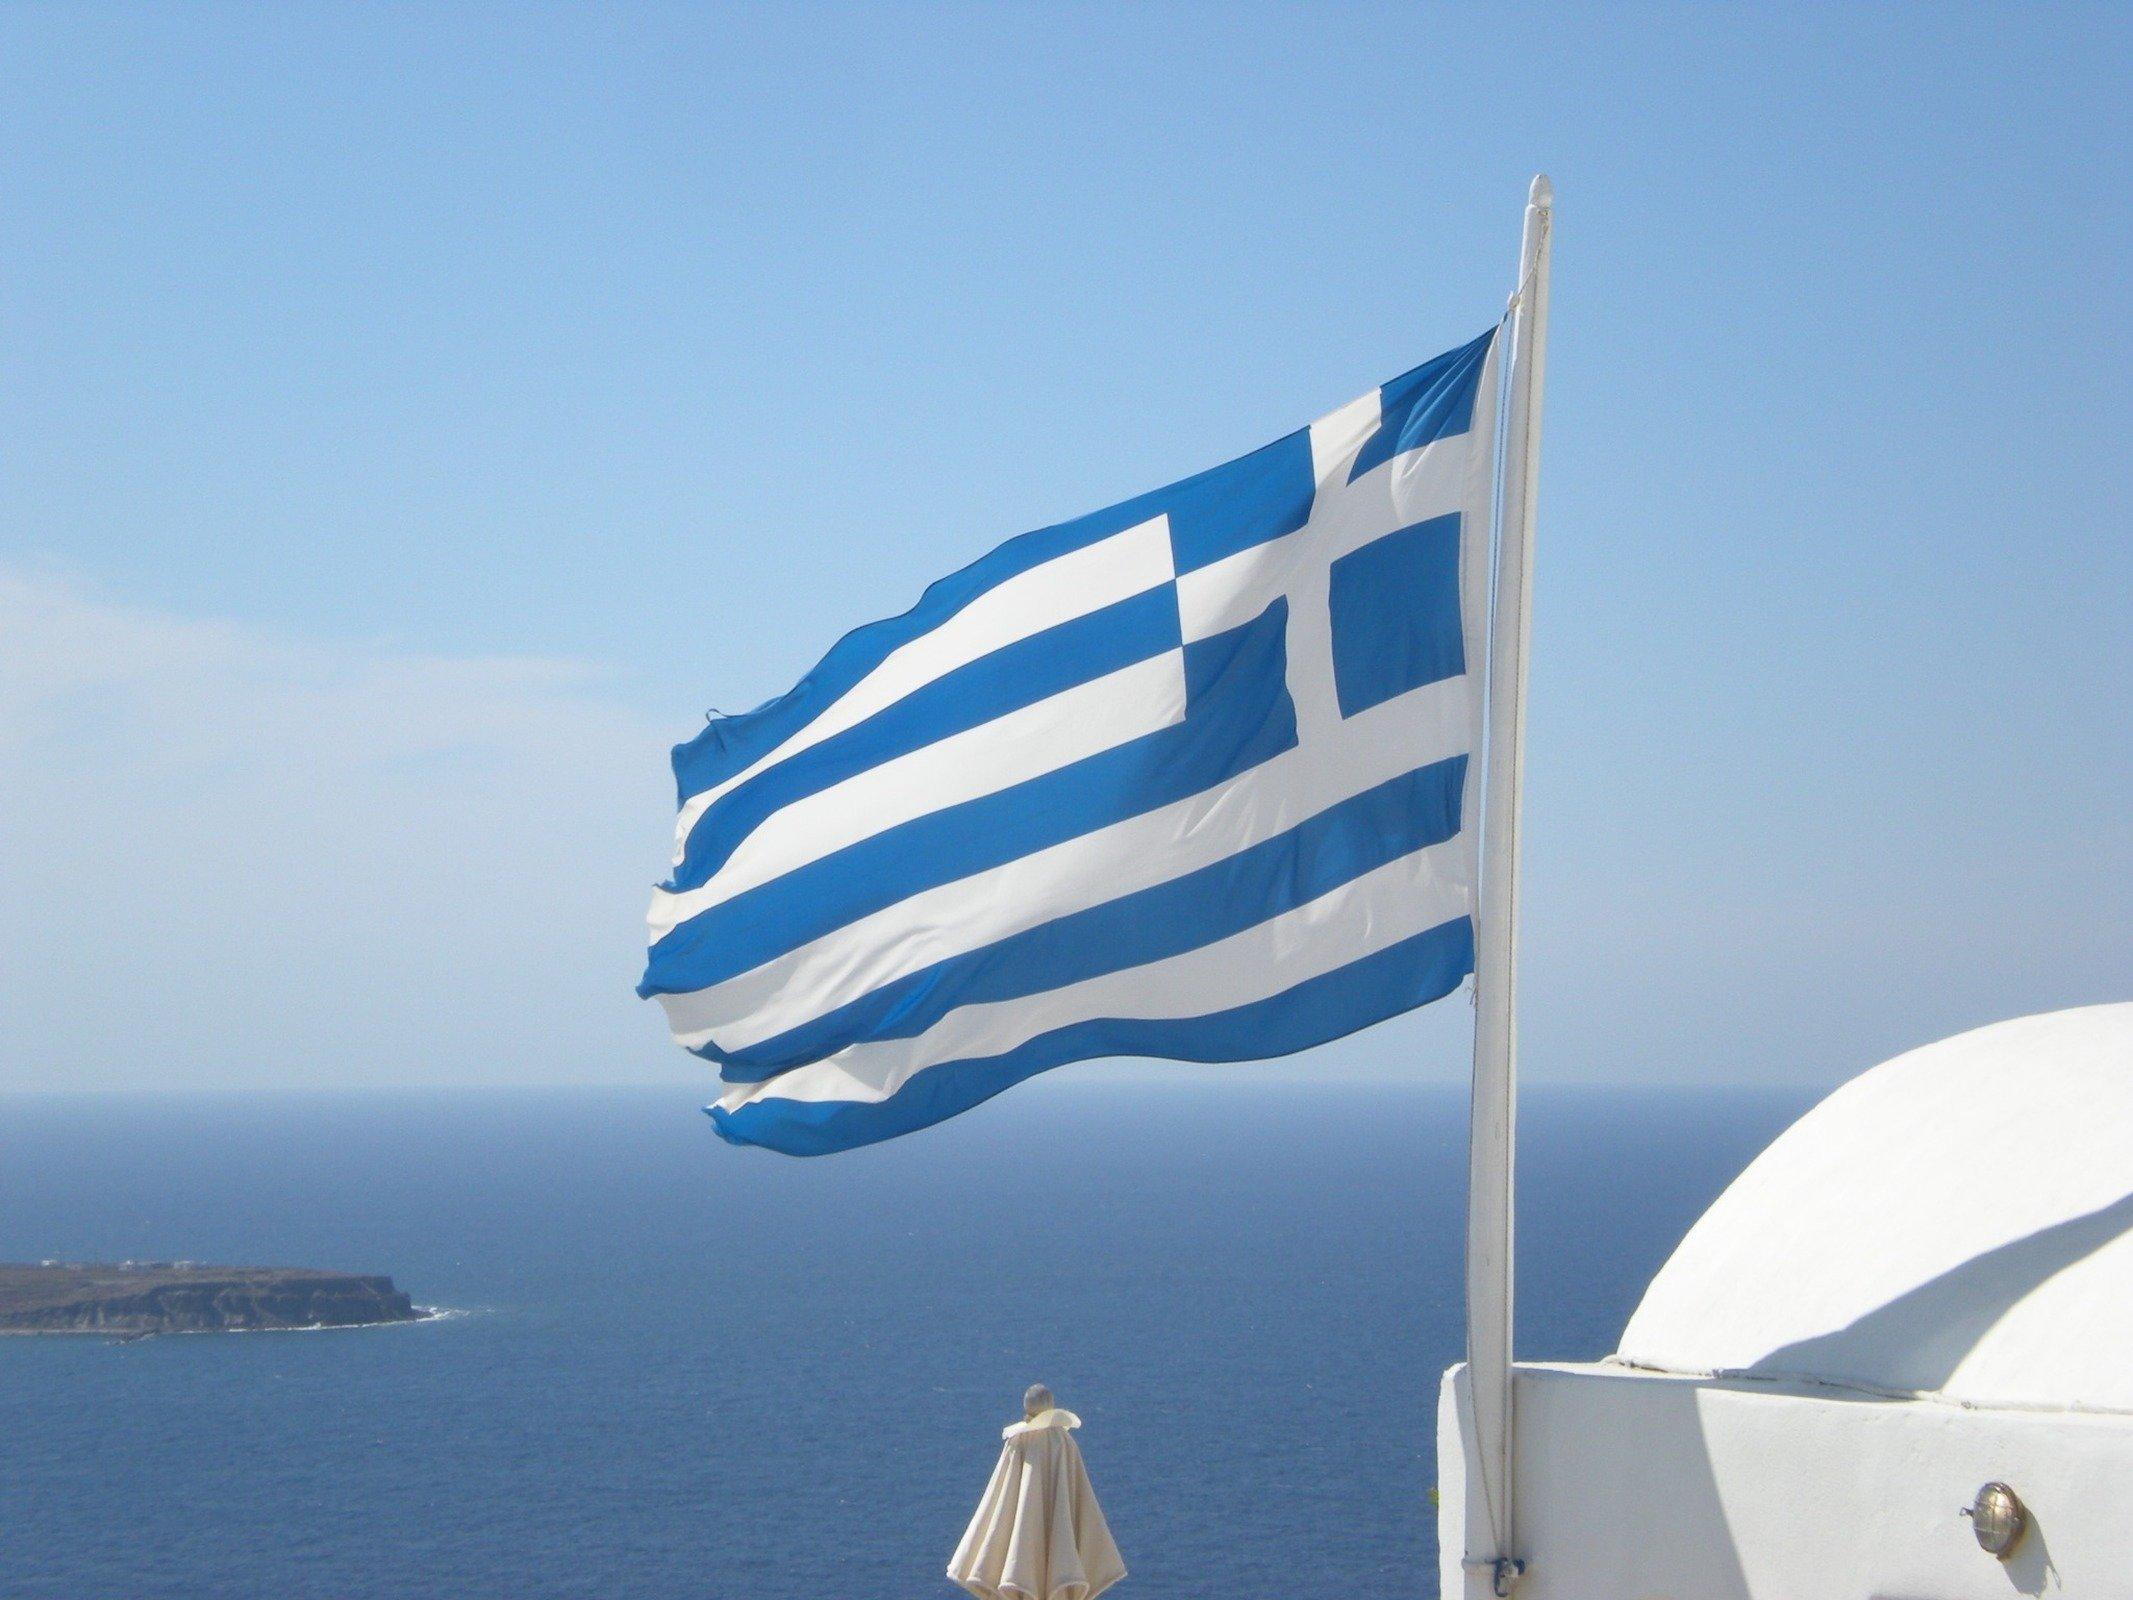 Гърция планира да закупи оръжие, да засили въоръжените си сили